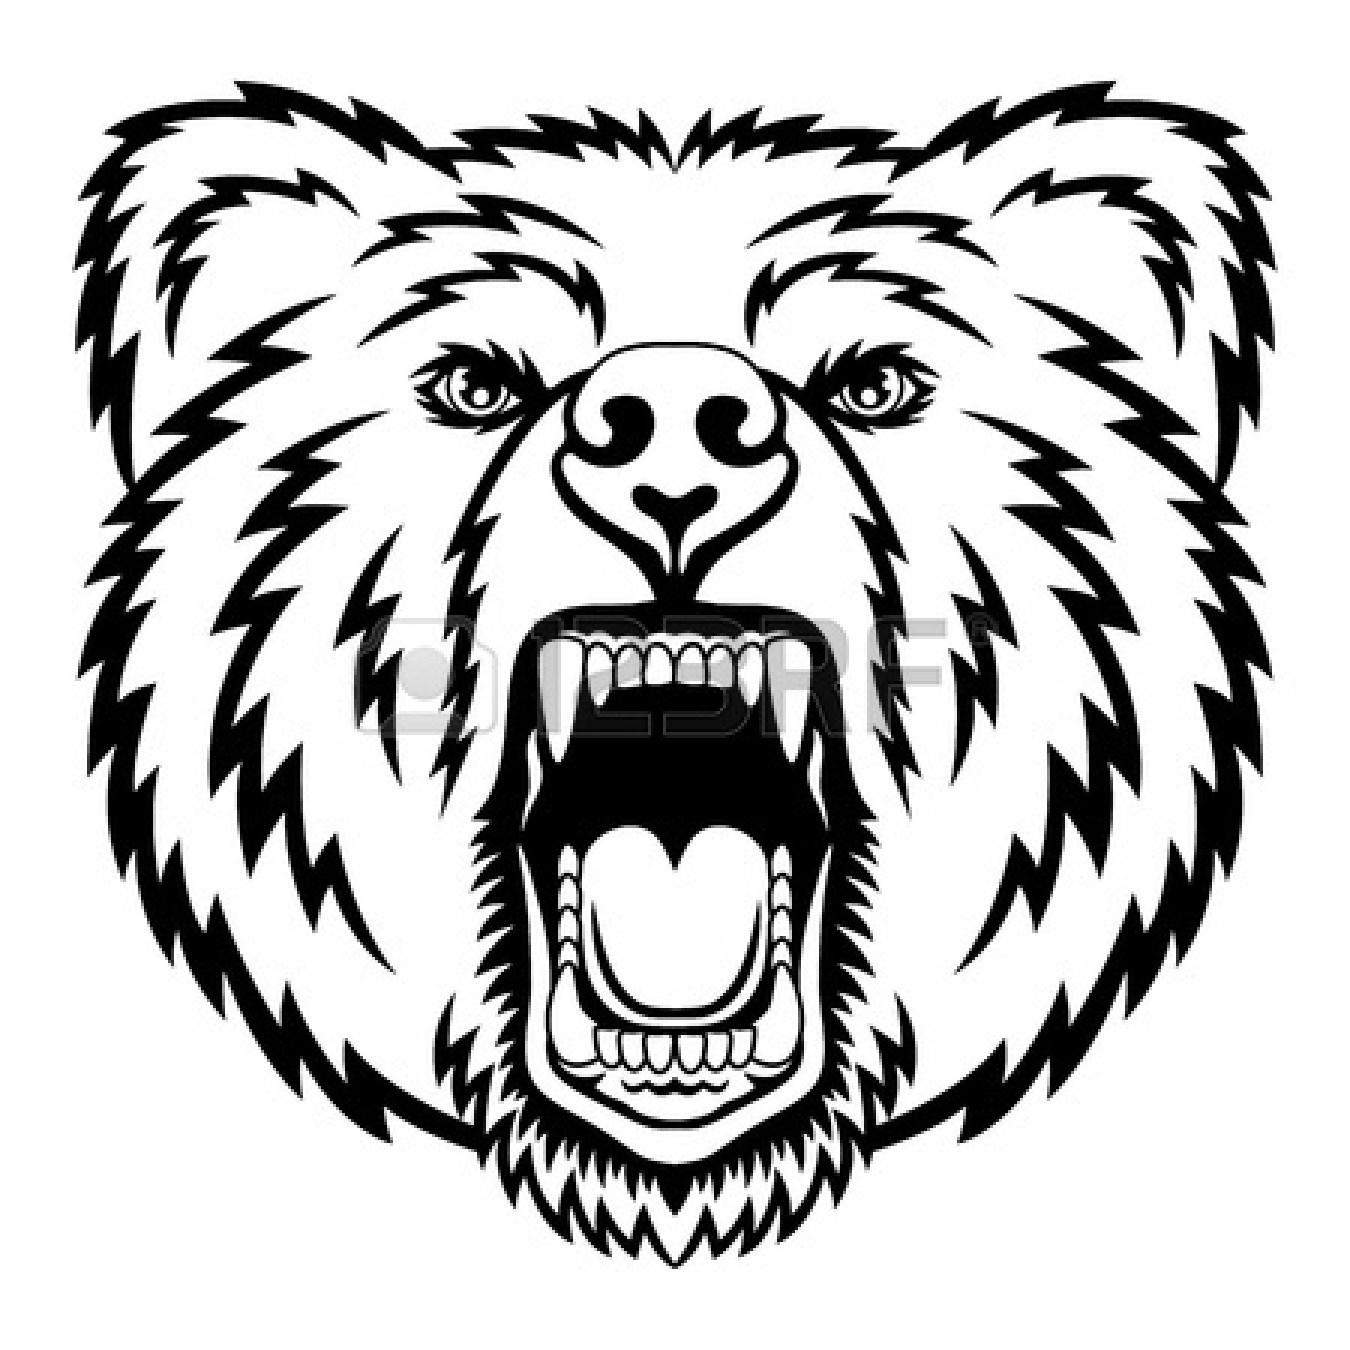 Bear mascot clipart 8 » Clipart Portal.